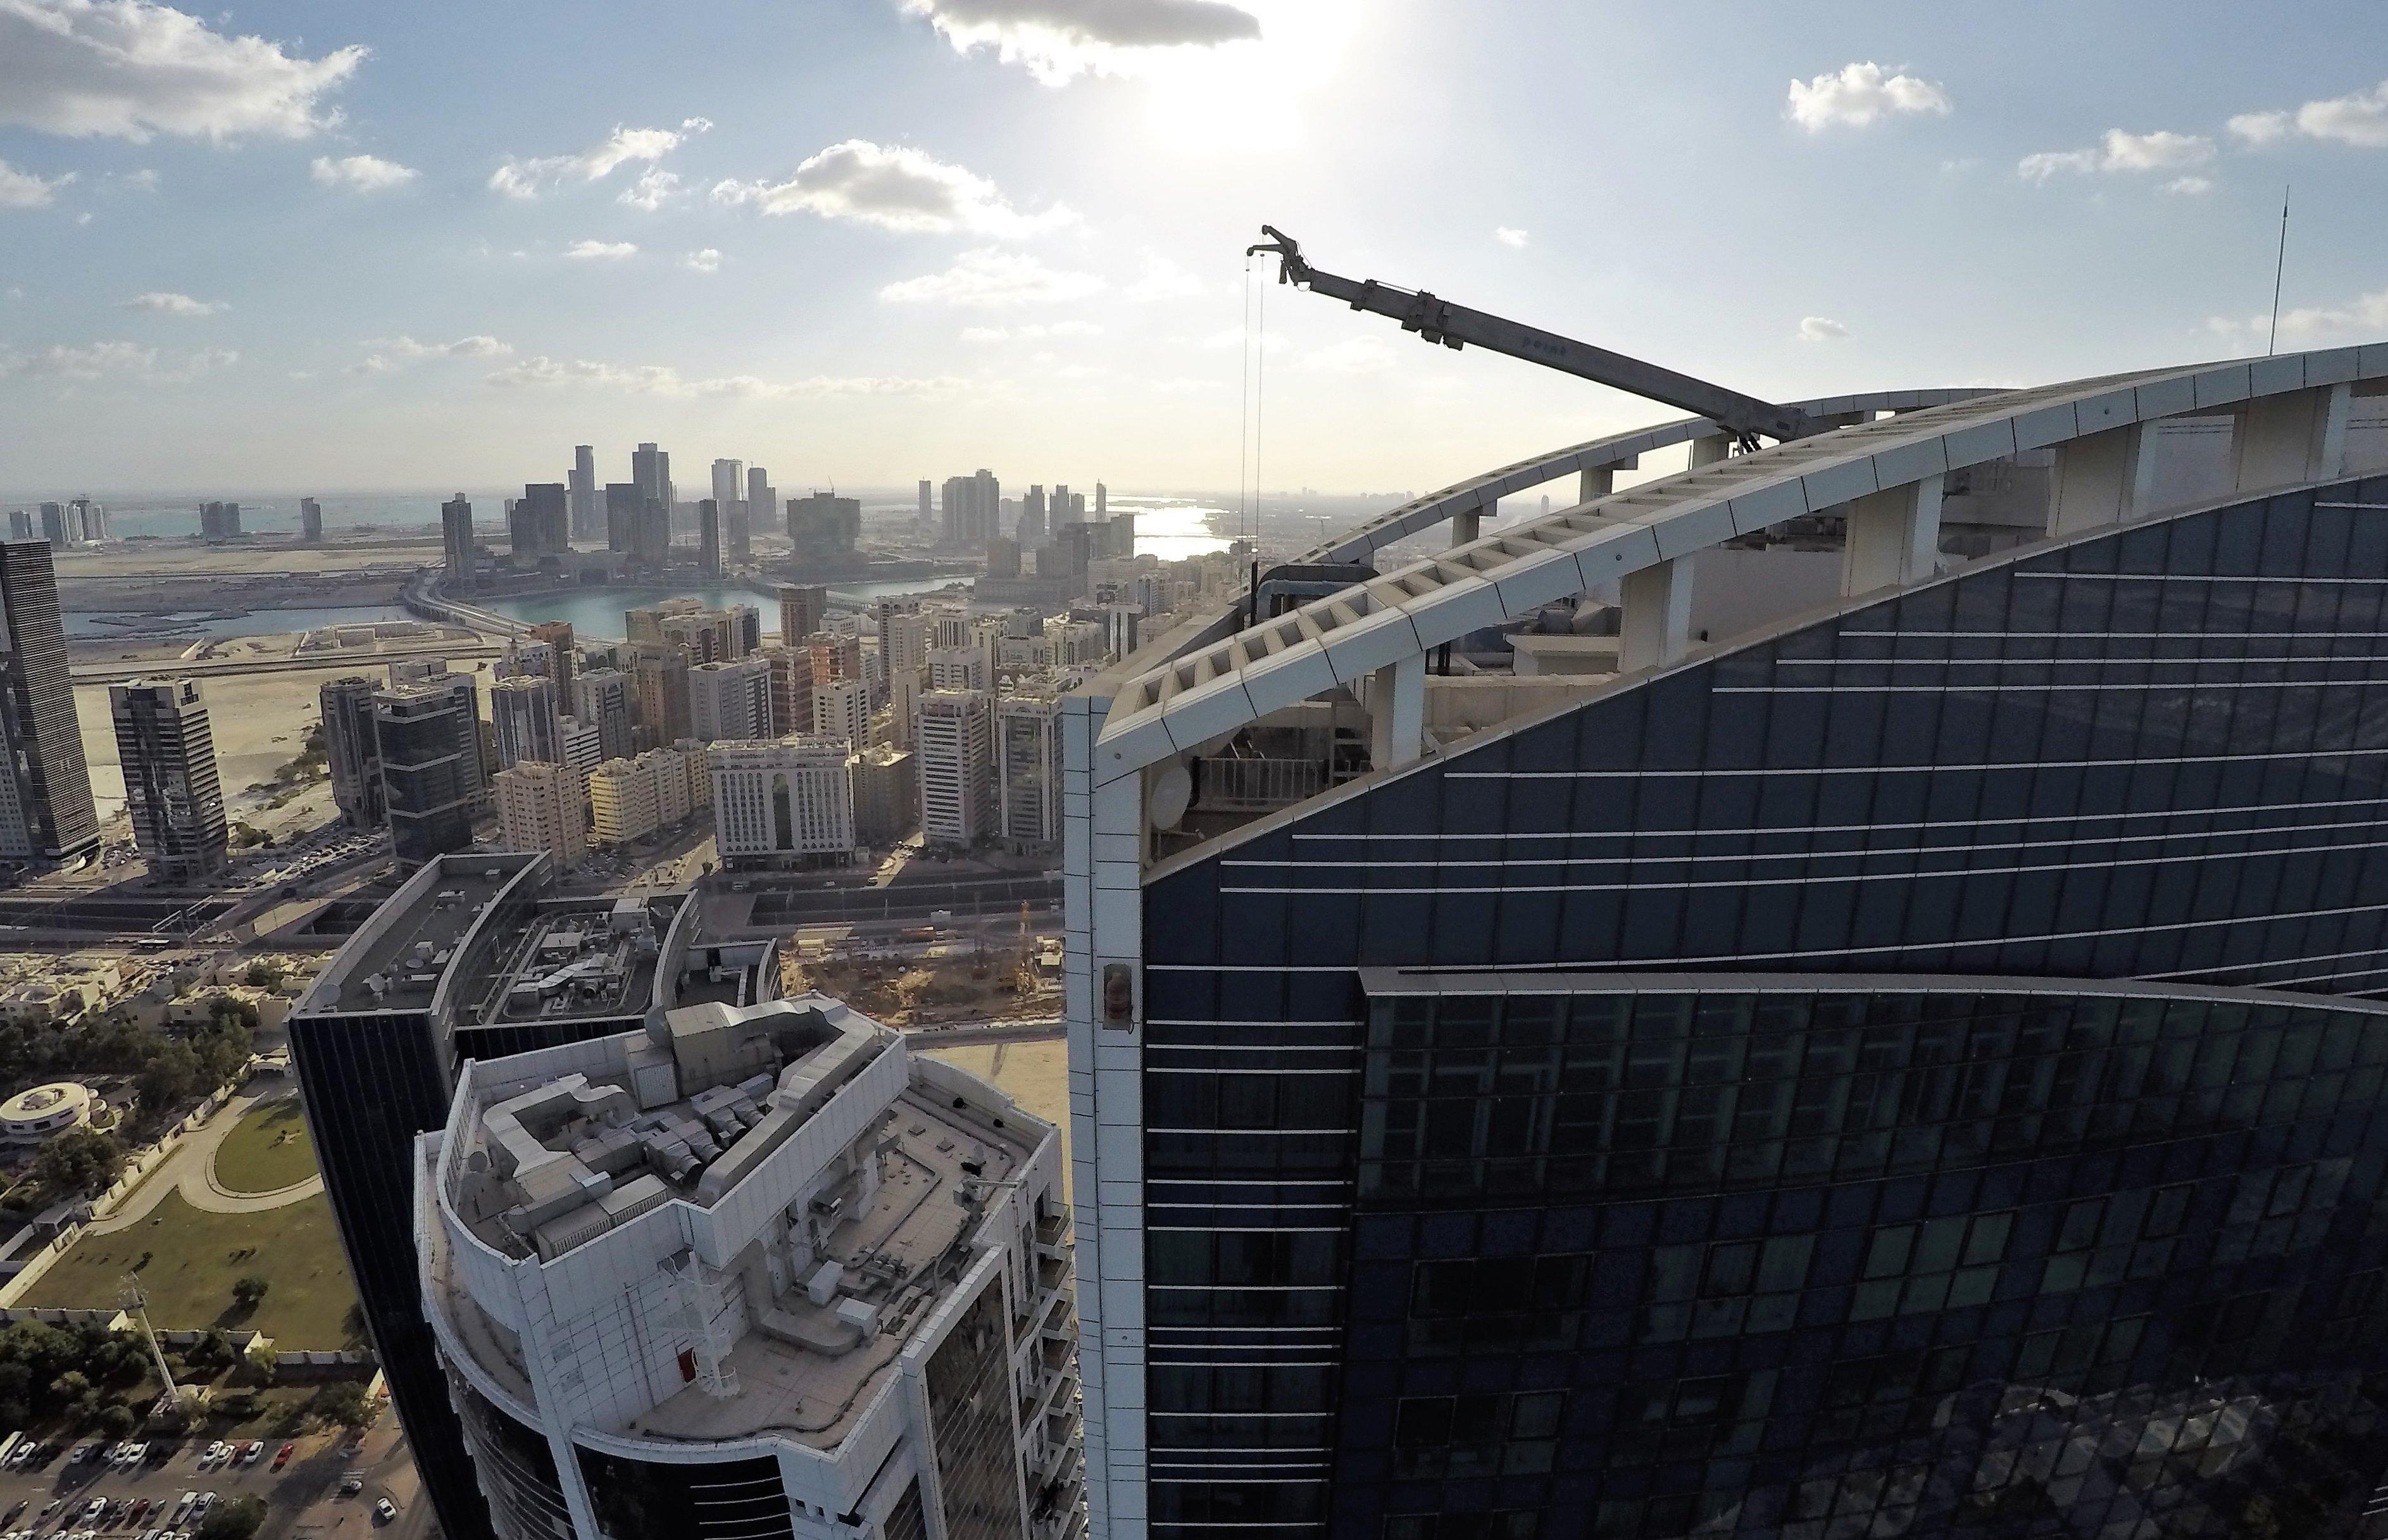 Italdron e la sfida araba di Etihad Towers